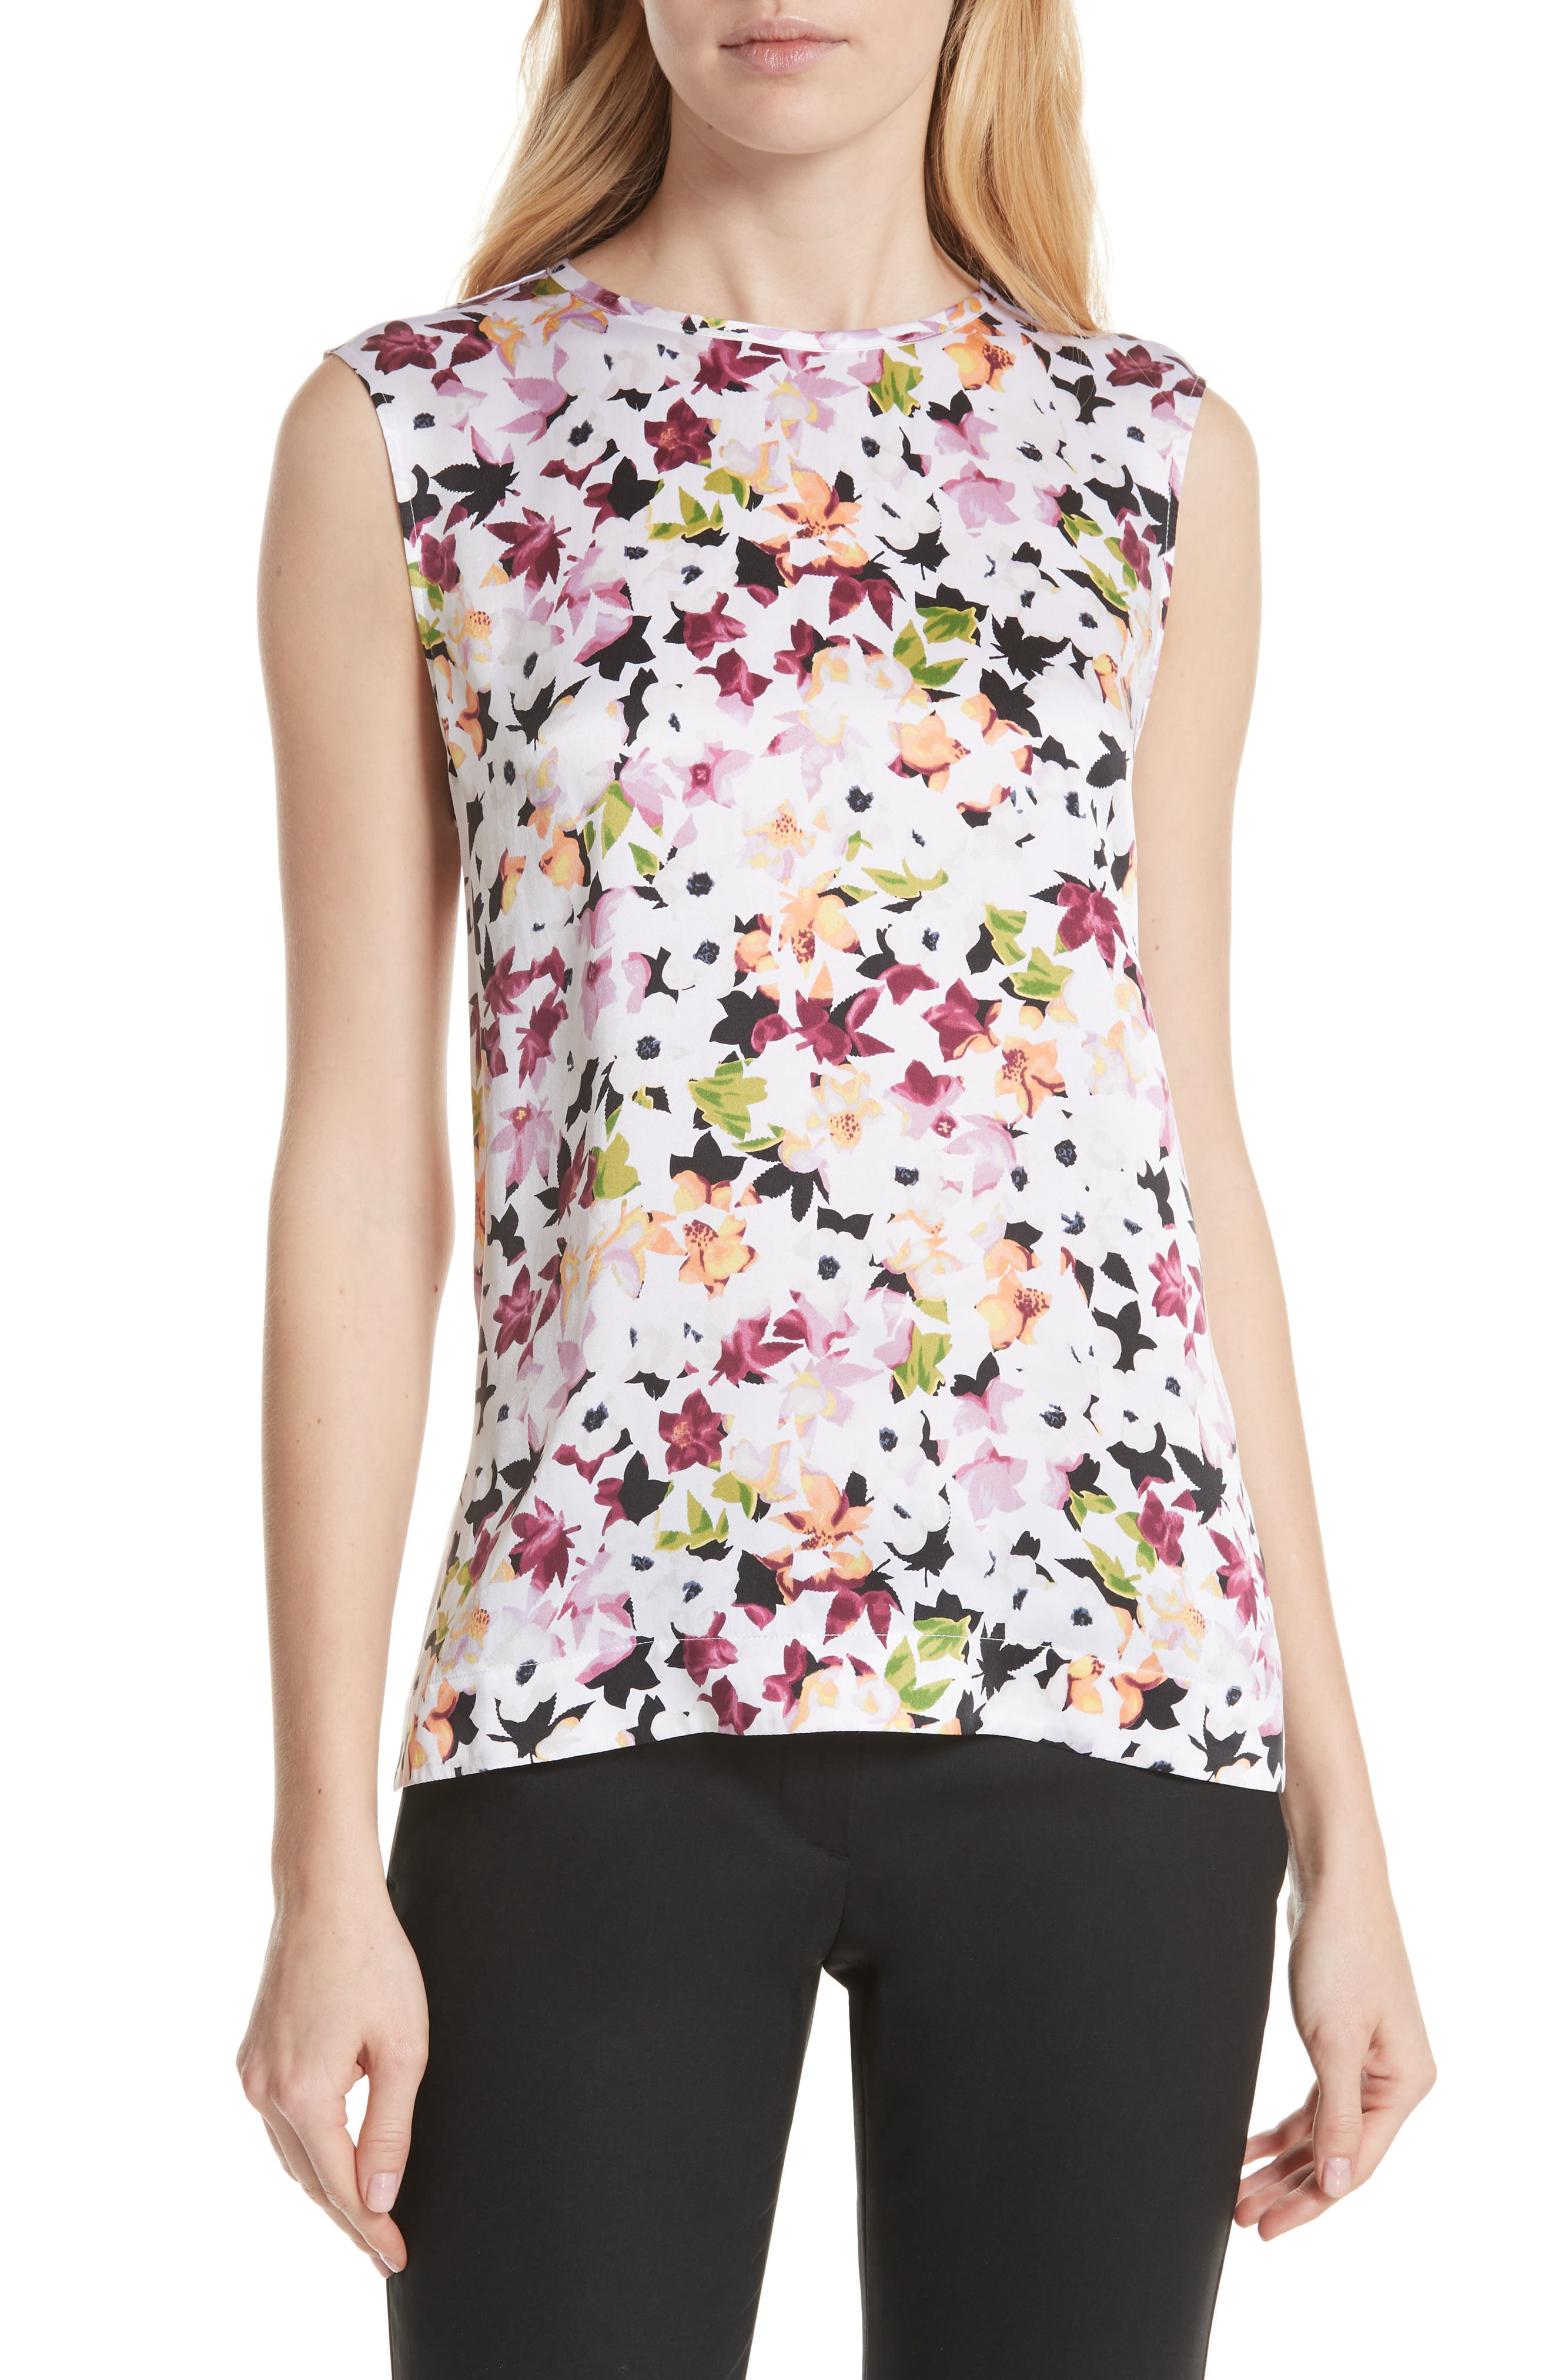 Layla Floral Silk Top,                         Main,                         color, Bright White Multi